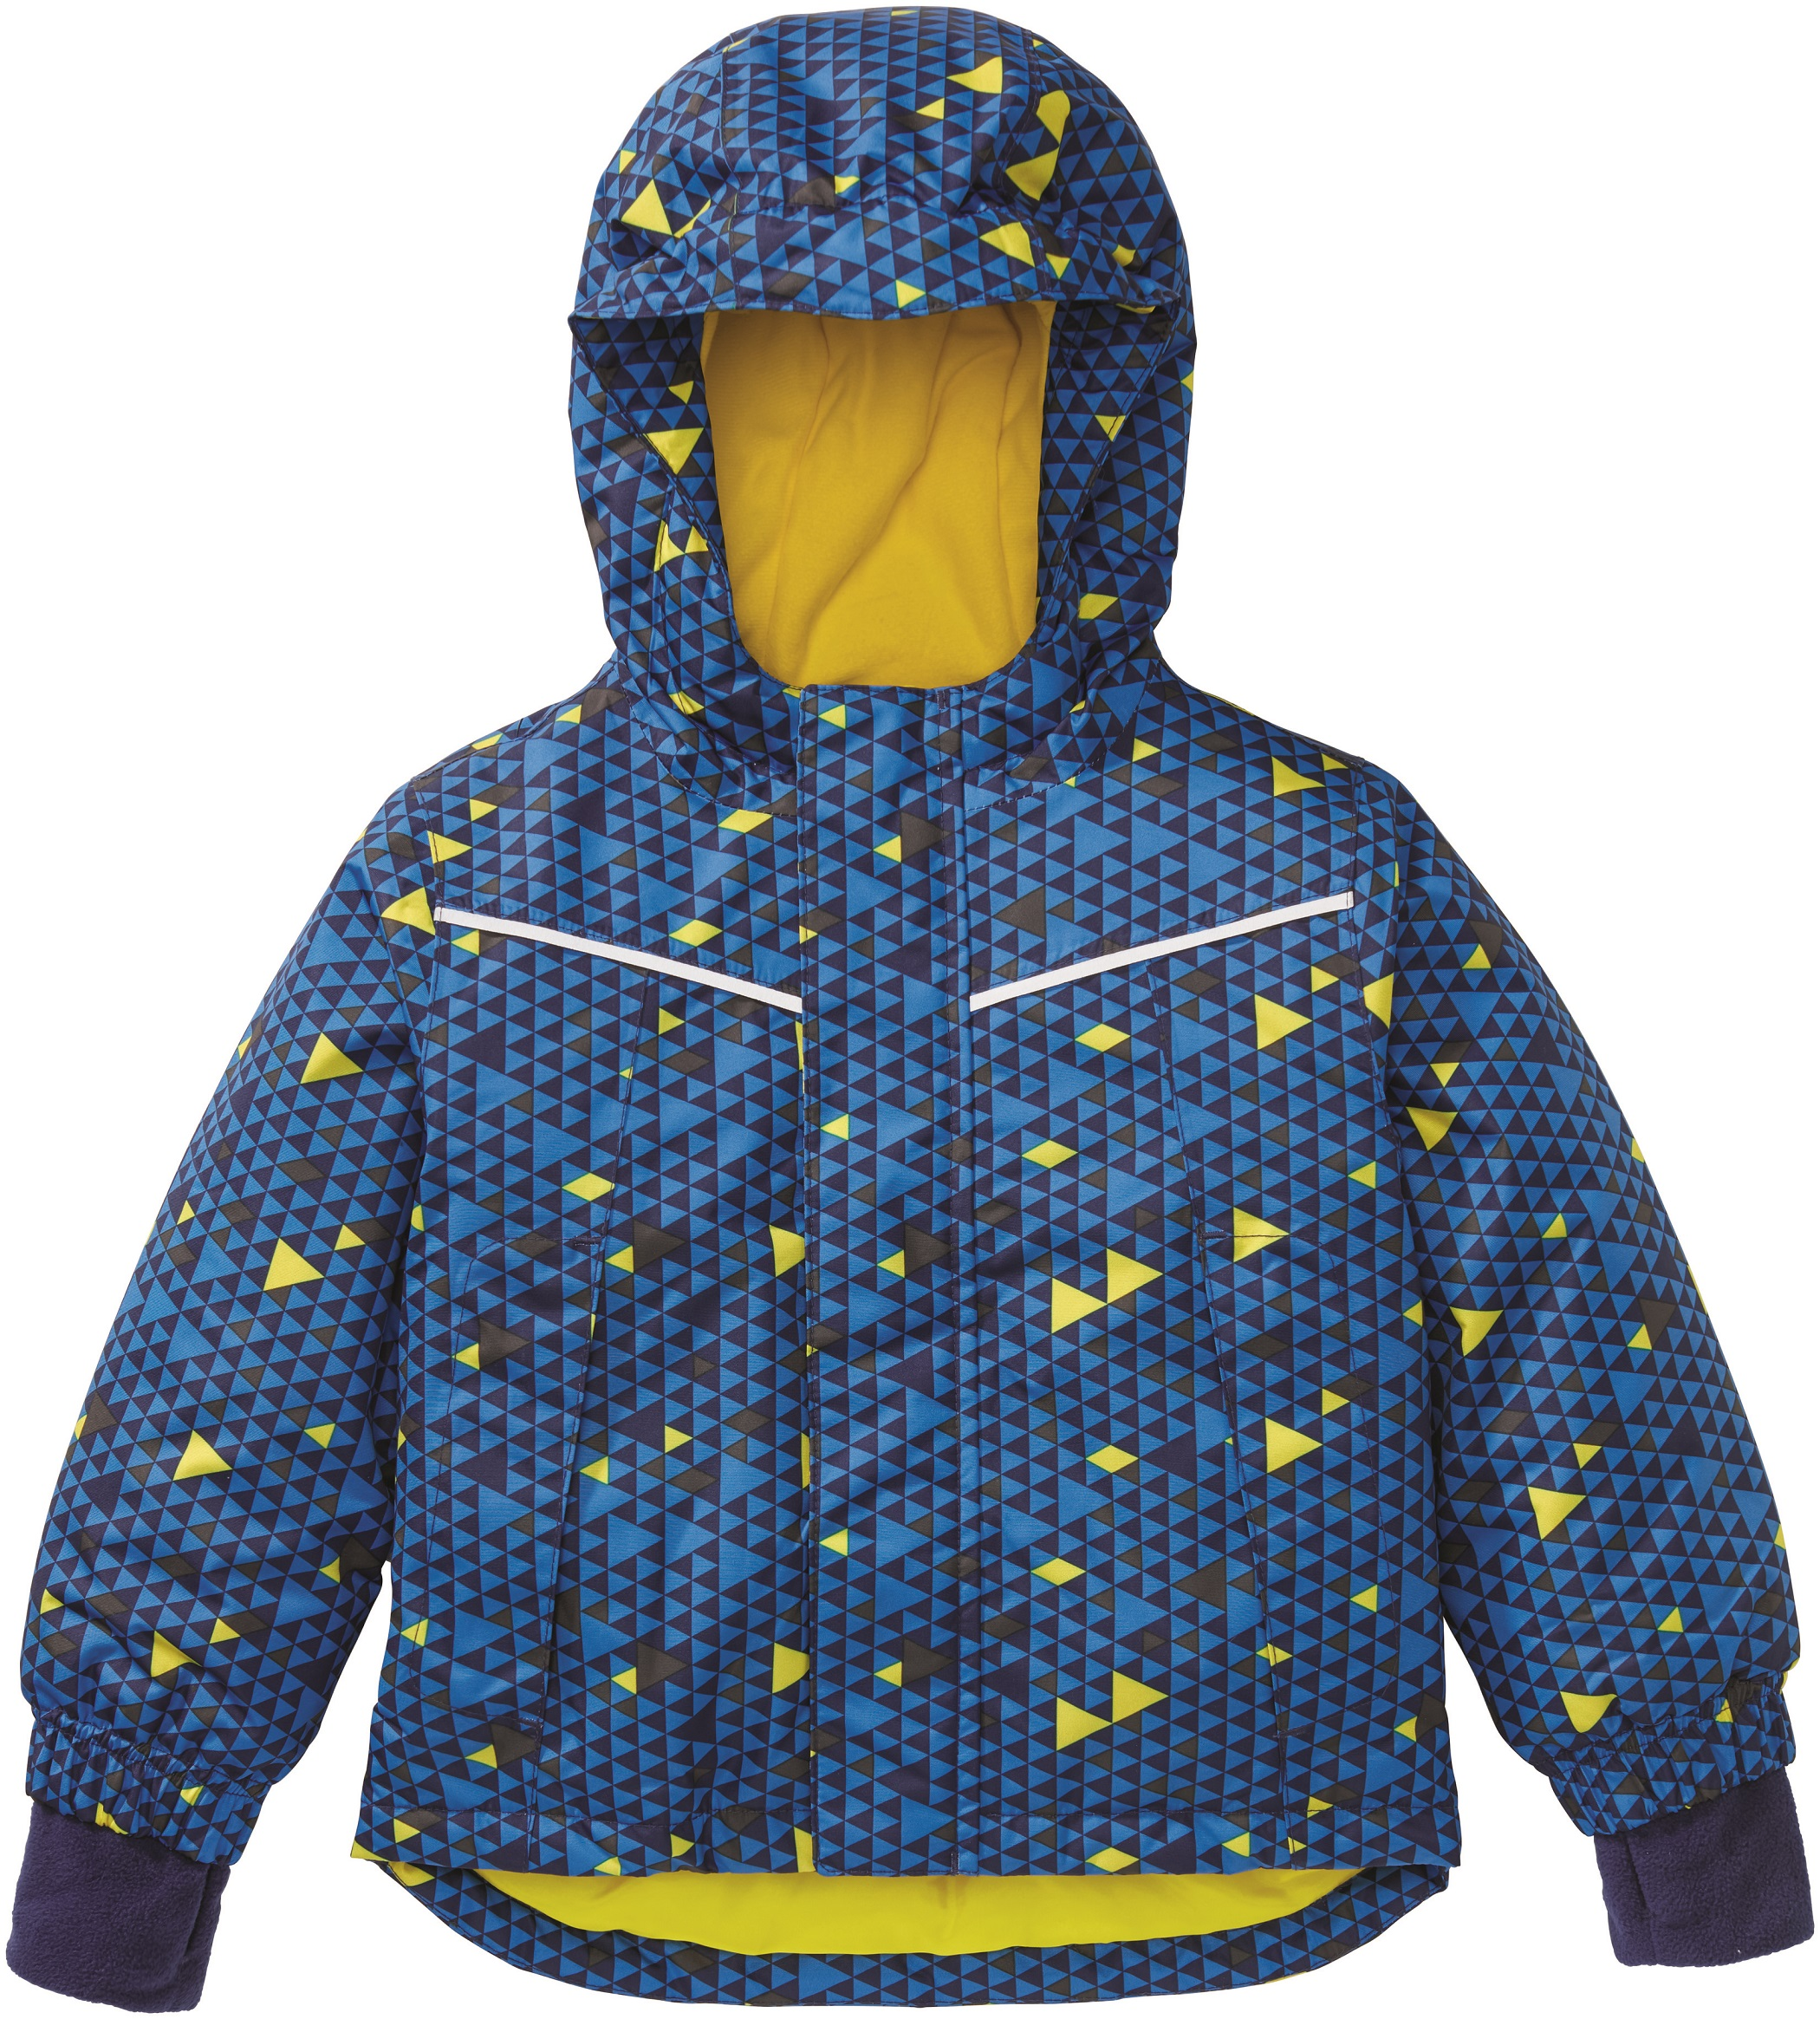 Boys - Kids Ski Jacket £11.99 (6).JPG